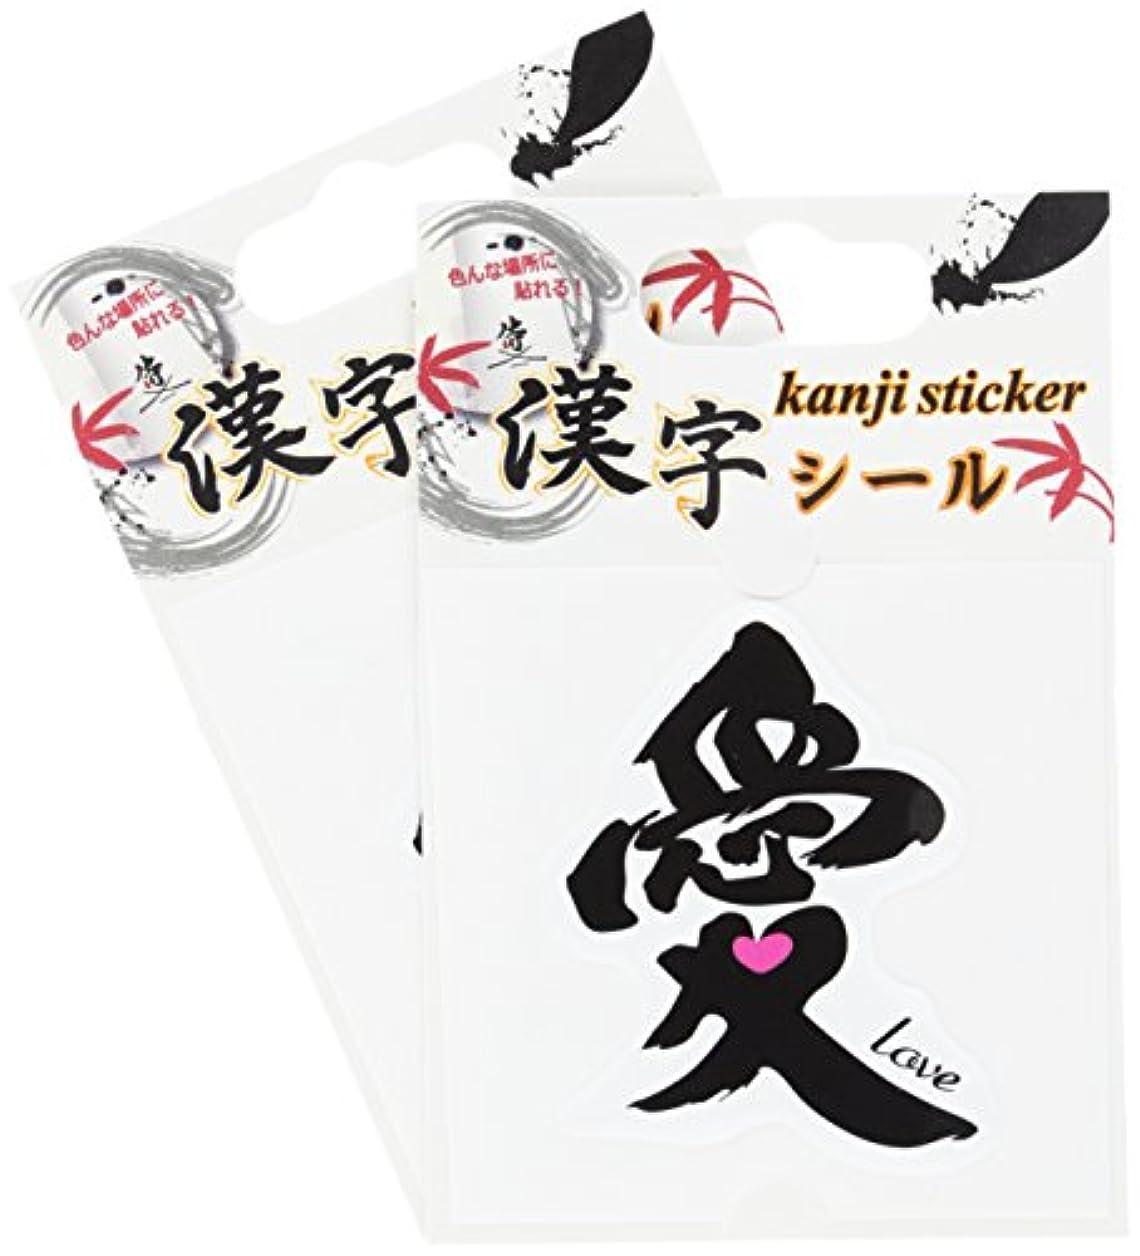 ターゲット明確にめったに漢字シール 愛 2枚セット